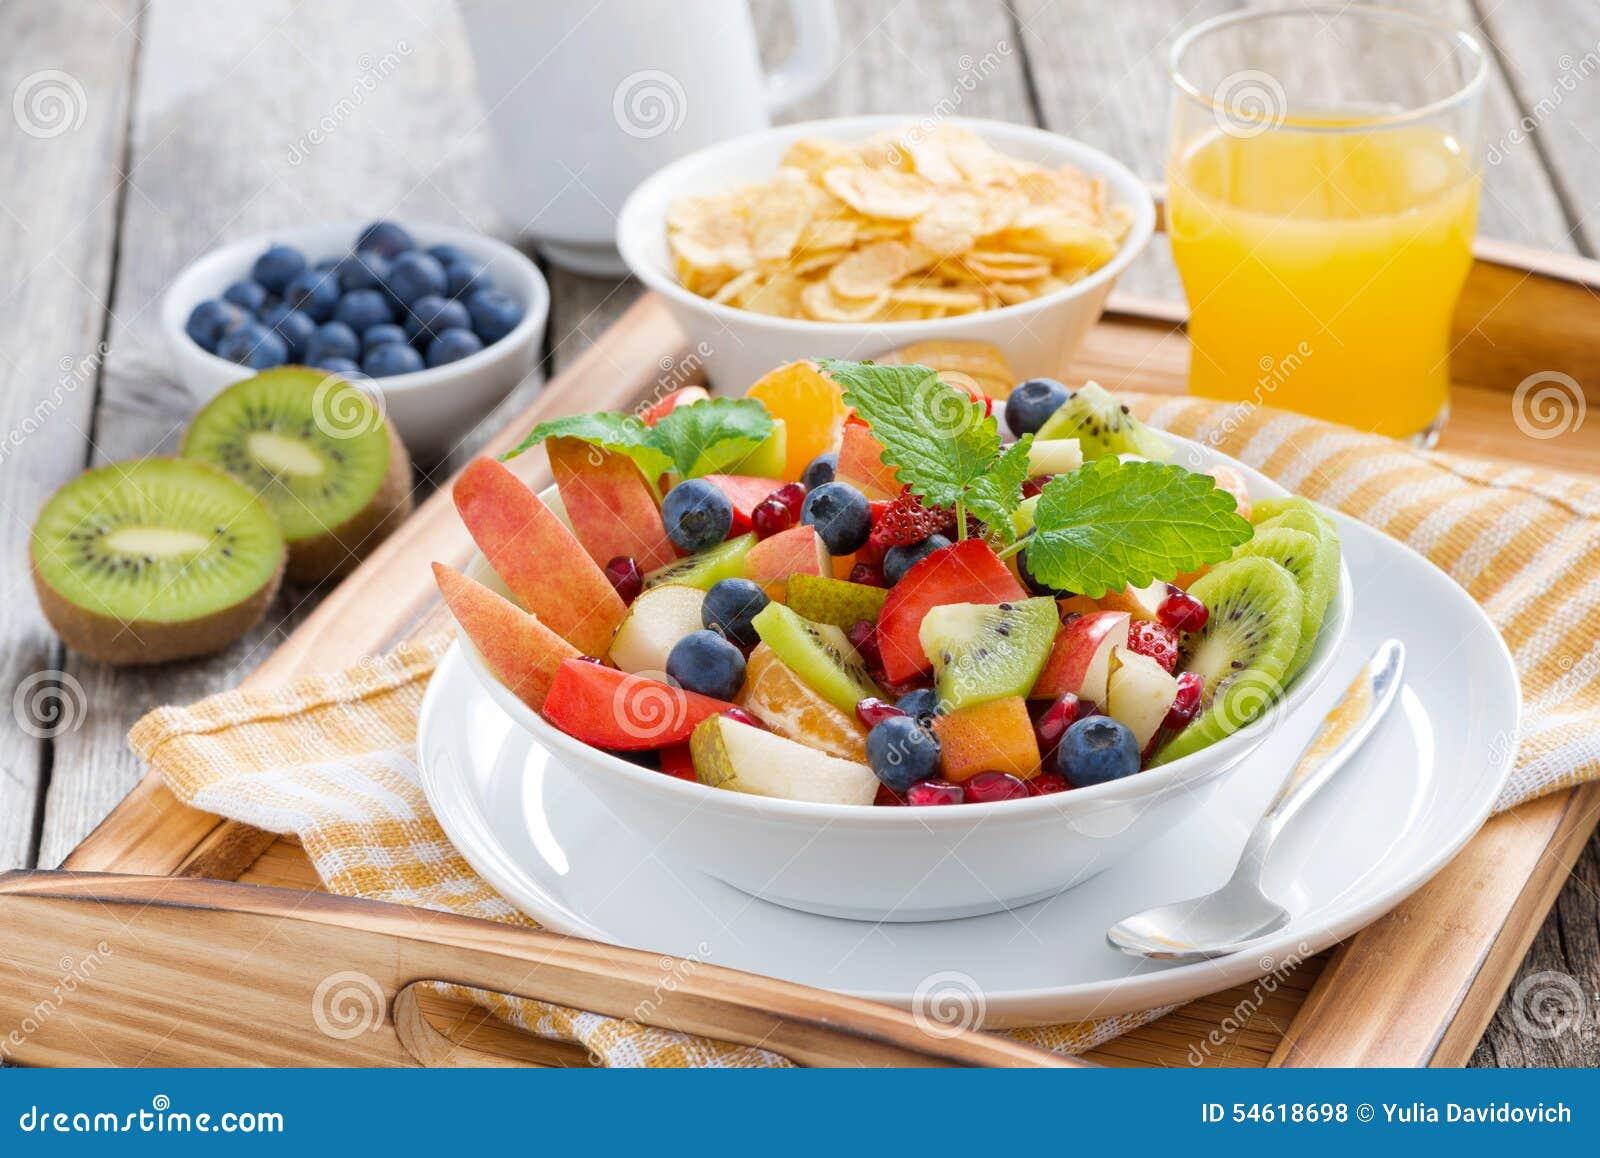 Tome o café da manhã com salada, flocos de milho e suco de laranja de fruto